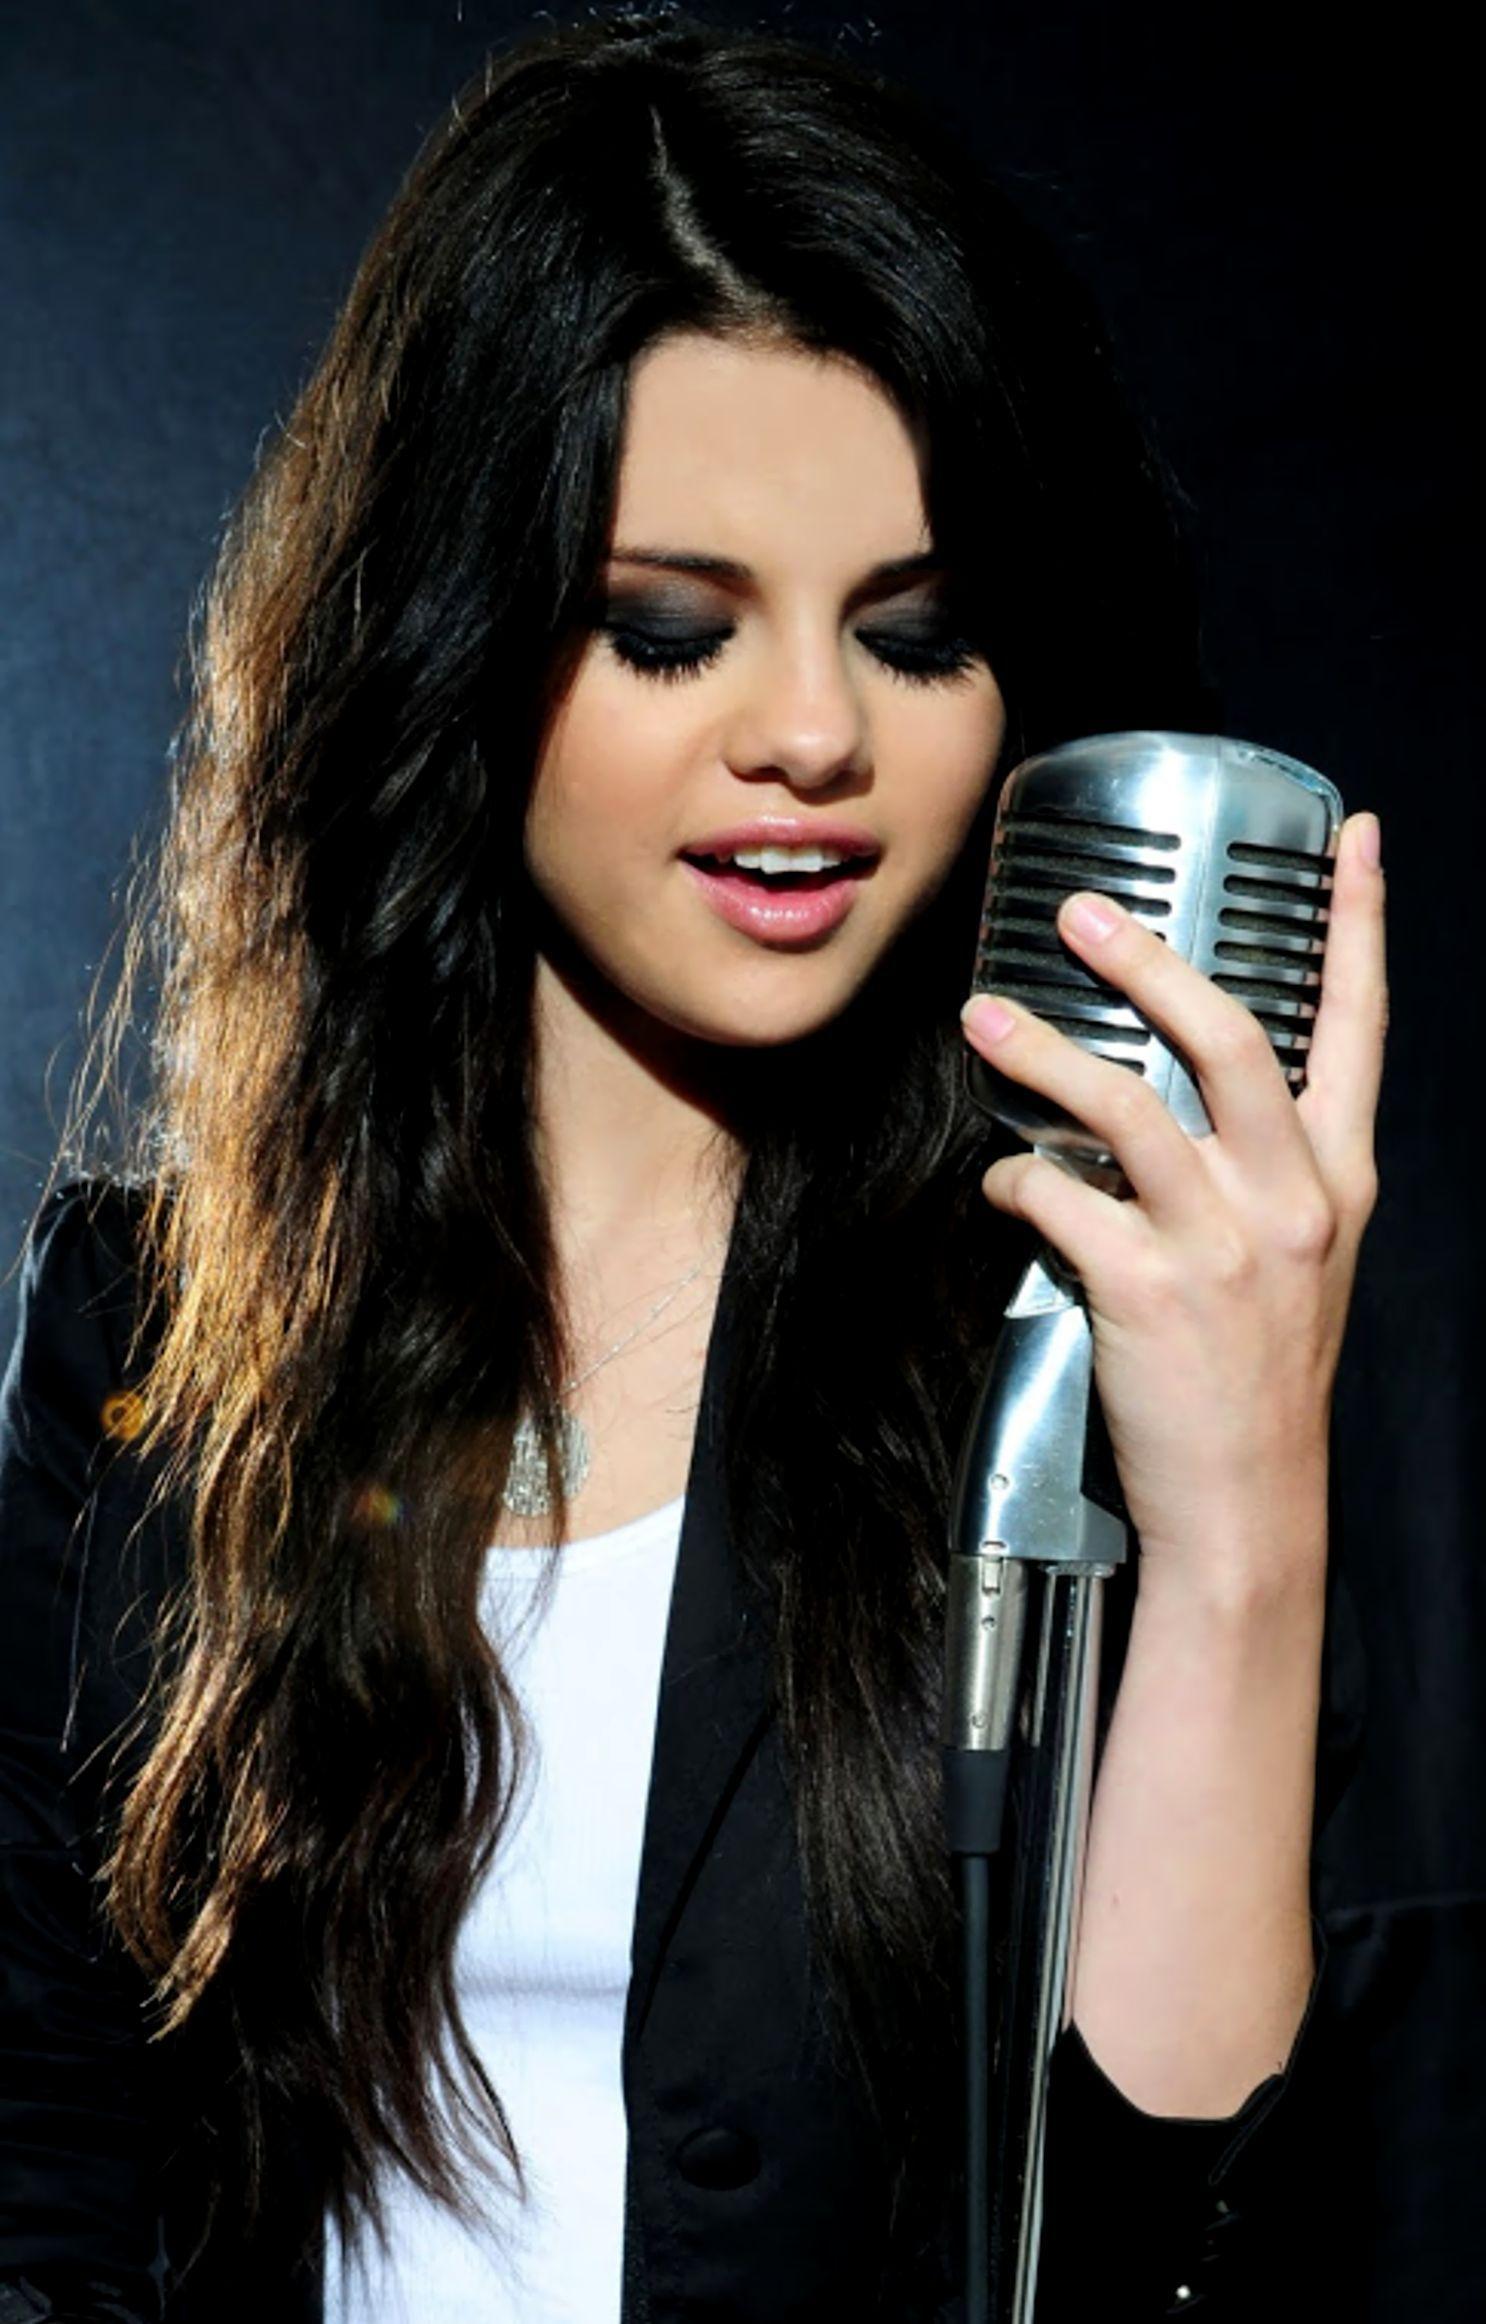 32172 Заставки и Обои Артисты на телефон. Скачать Девушки, Селена Гомес (Selena Gomez), Артисты, Музыка, Люди картинки бесплатно